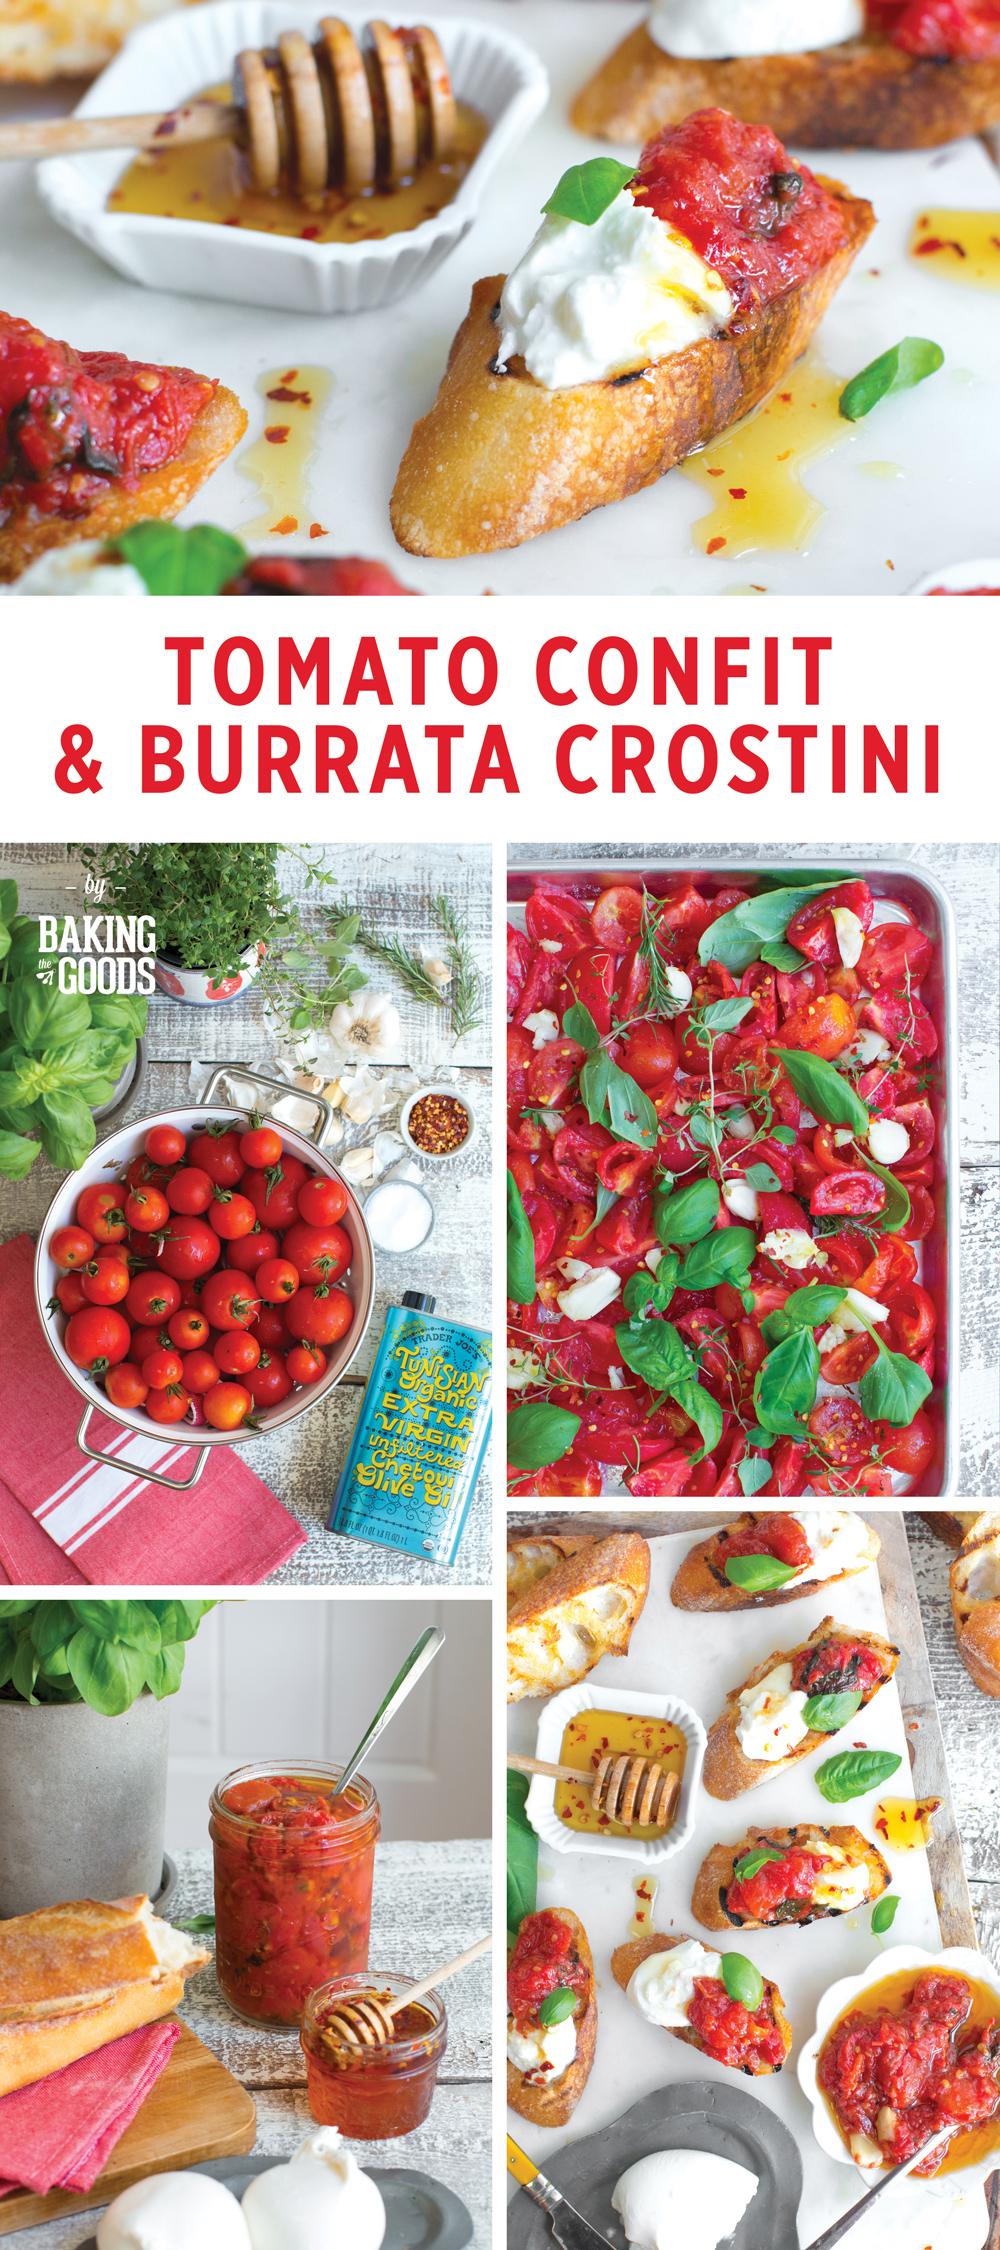 tomato-confit-burrata-crostini-skyscraper